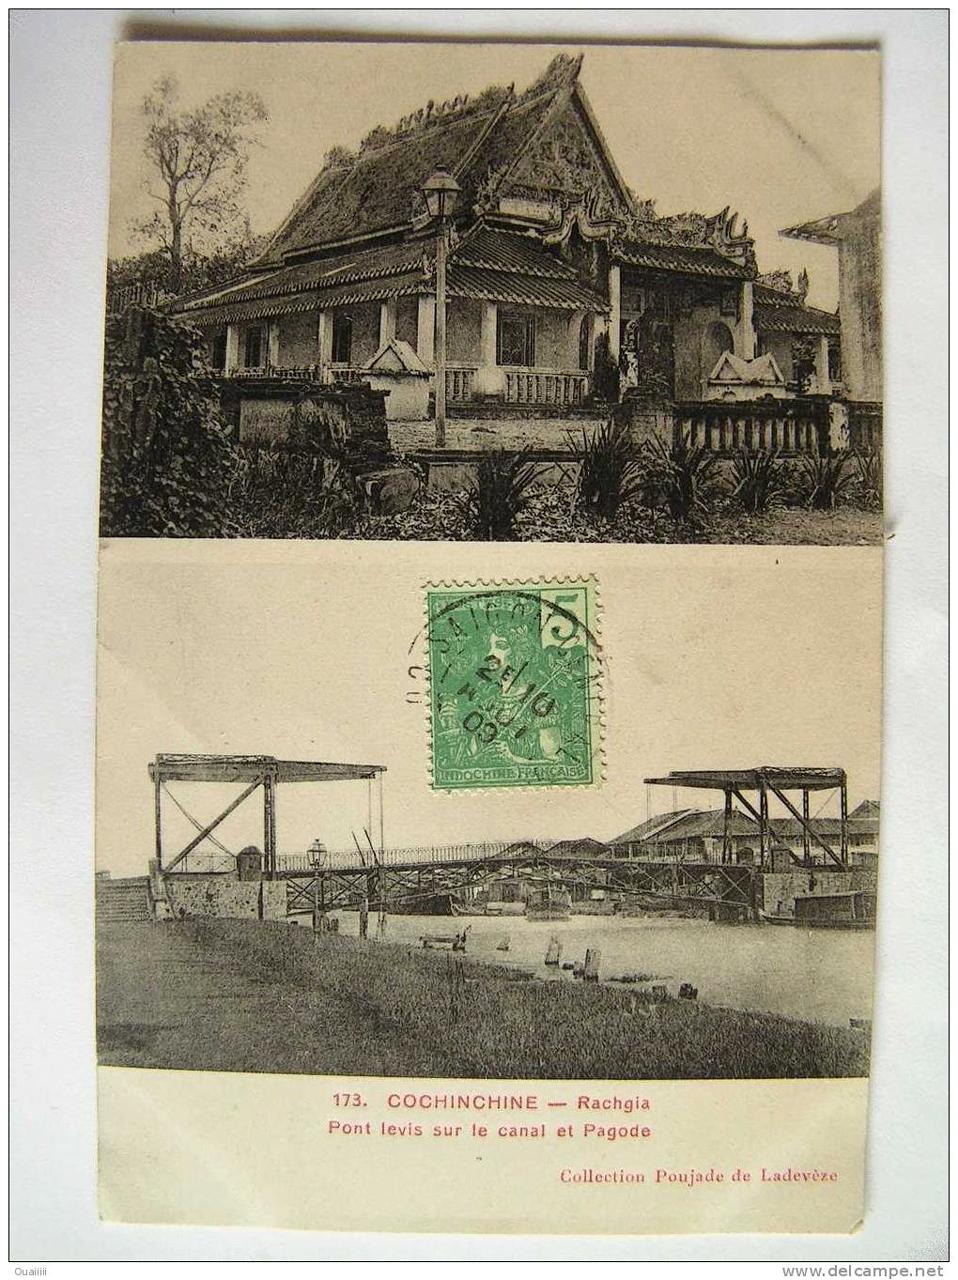 Chùa Phật Lớn và kênh Rạch Giá trên một tấm poster năm 1911